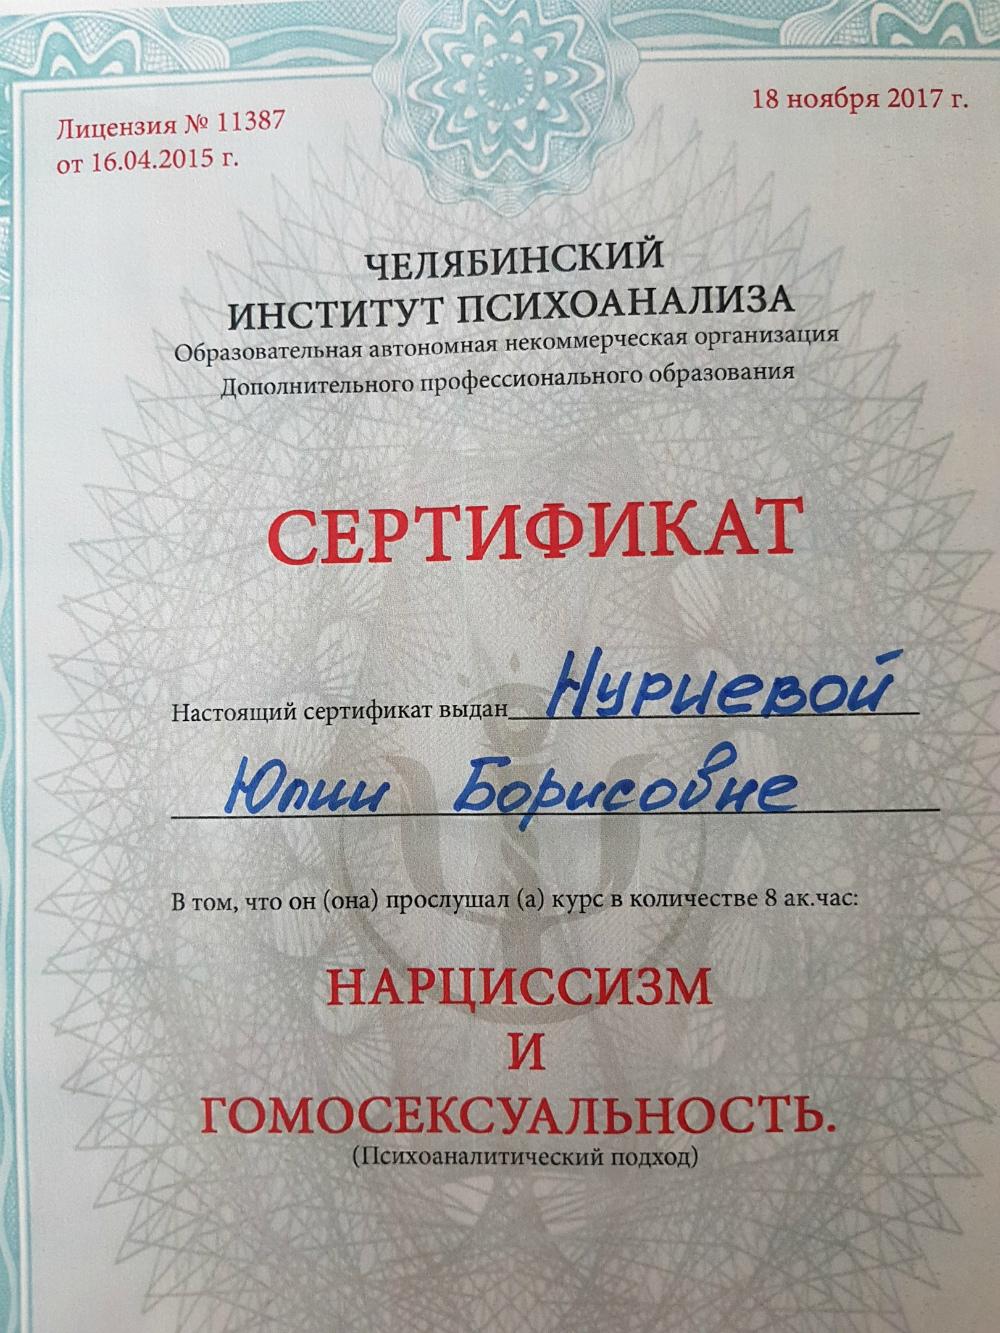 """Сертификат """"Нарциссизм и гомосексуальность"""""""